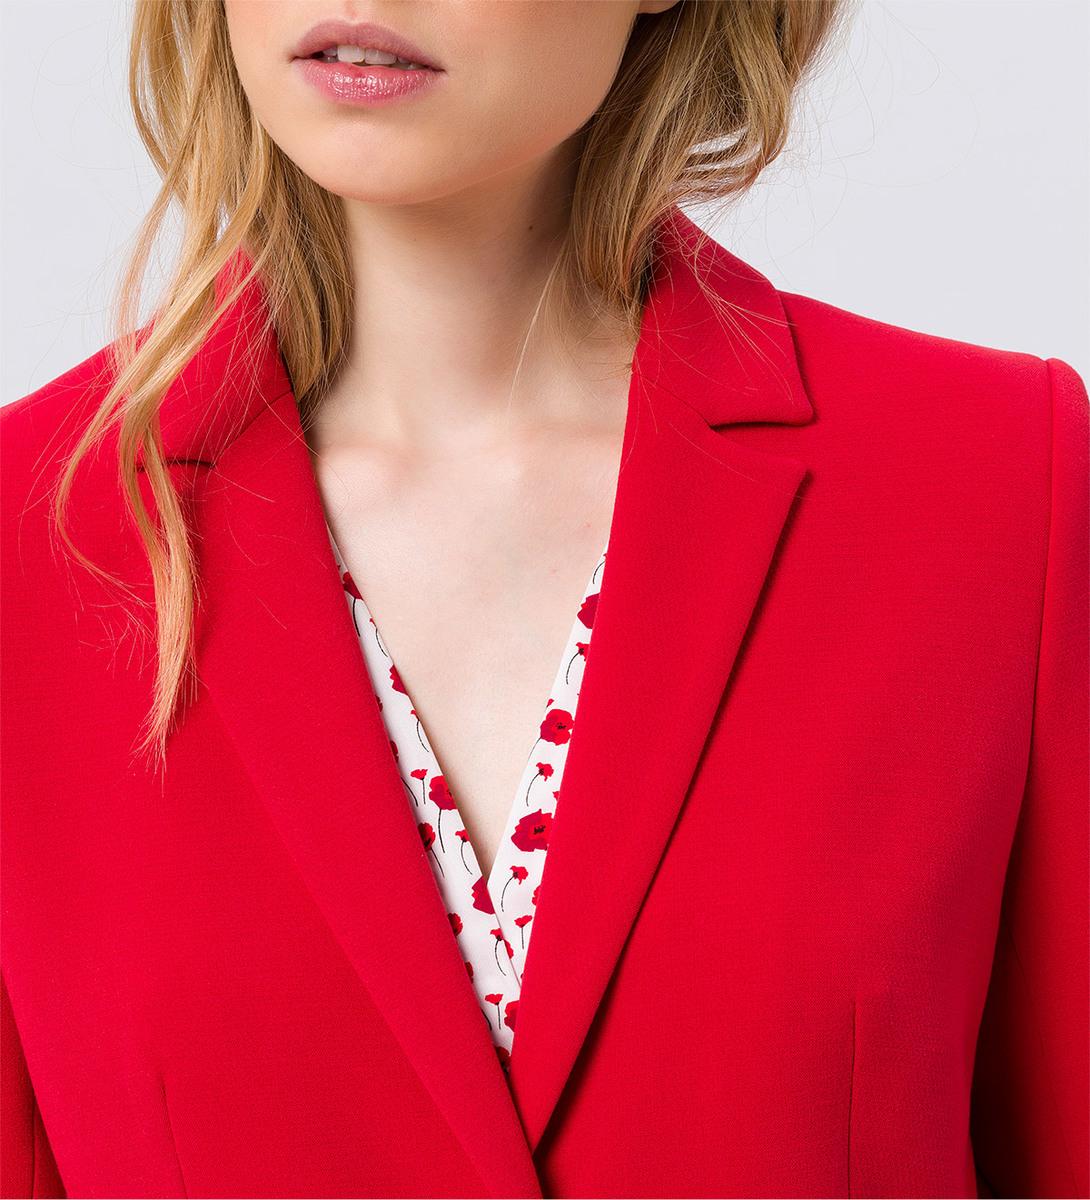 Mantel im klassischen Design in chili red